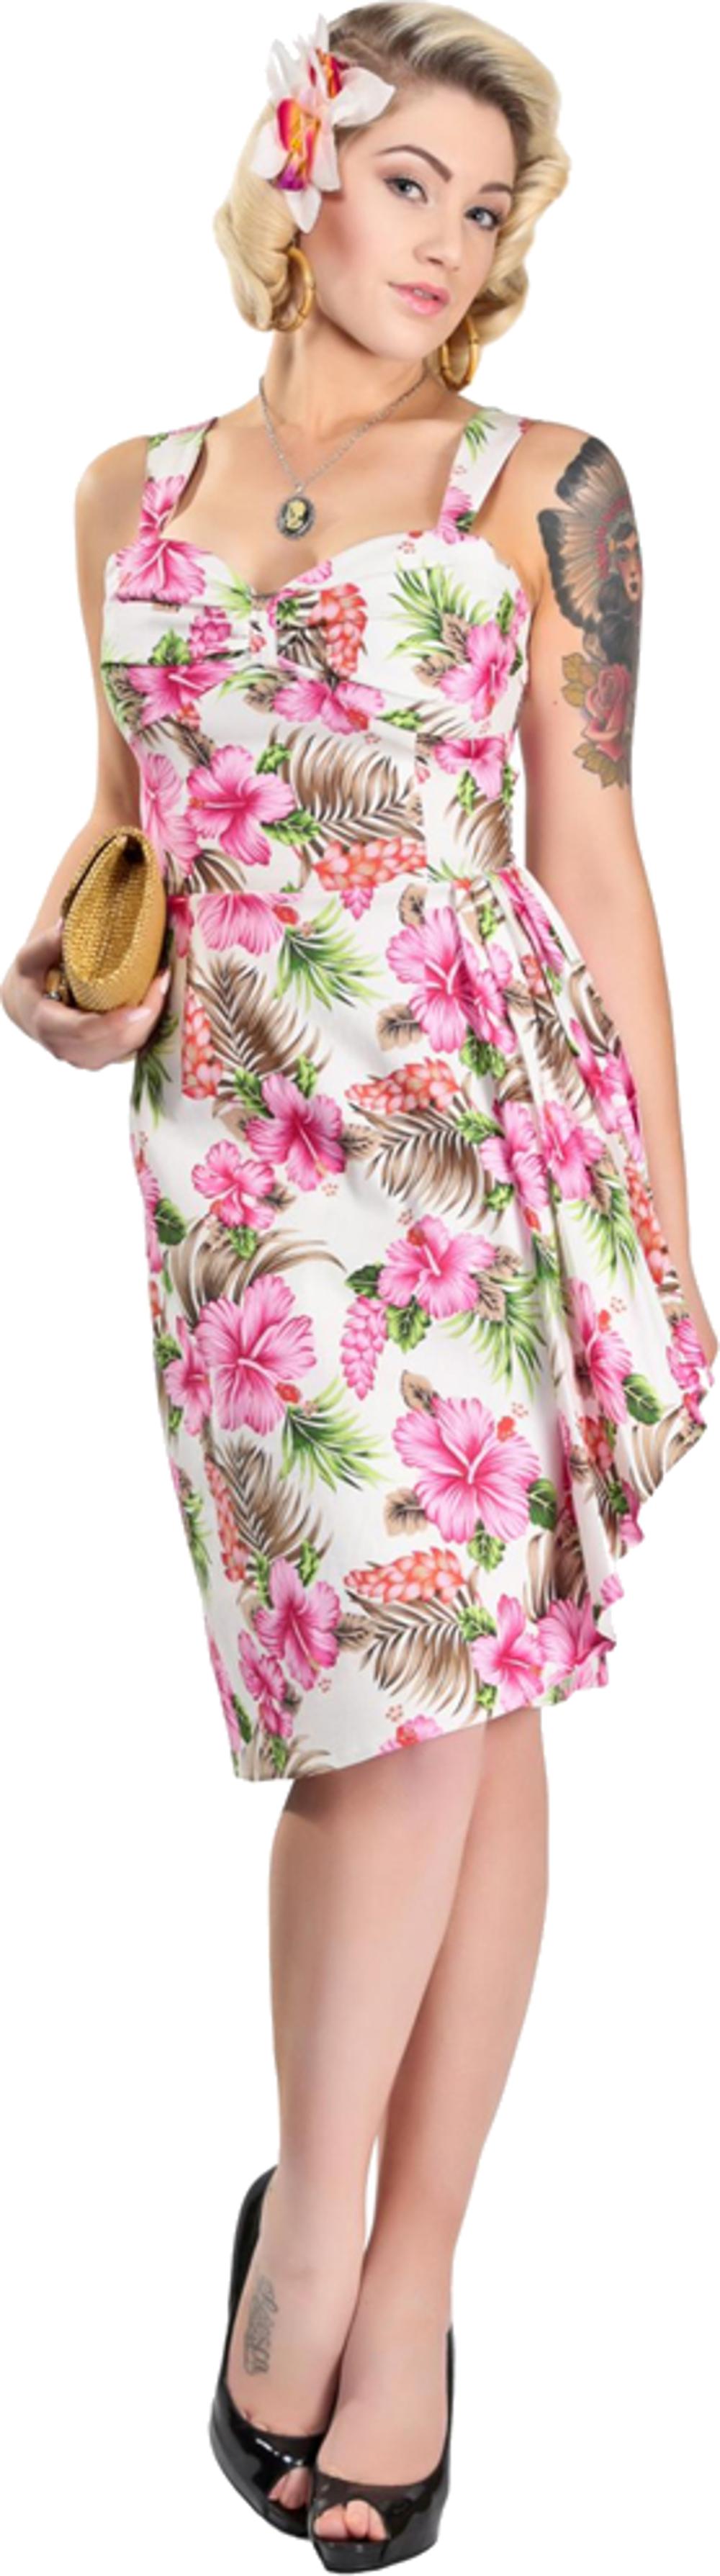 Collectif TALLULAH Hibiscus Fifties Tiki Sarong Dress ...